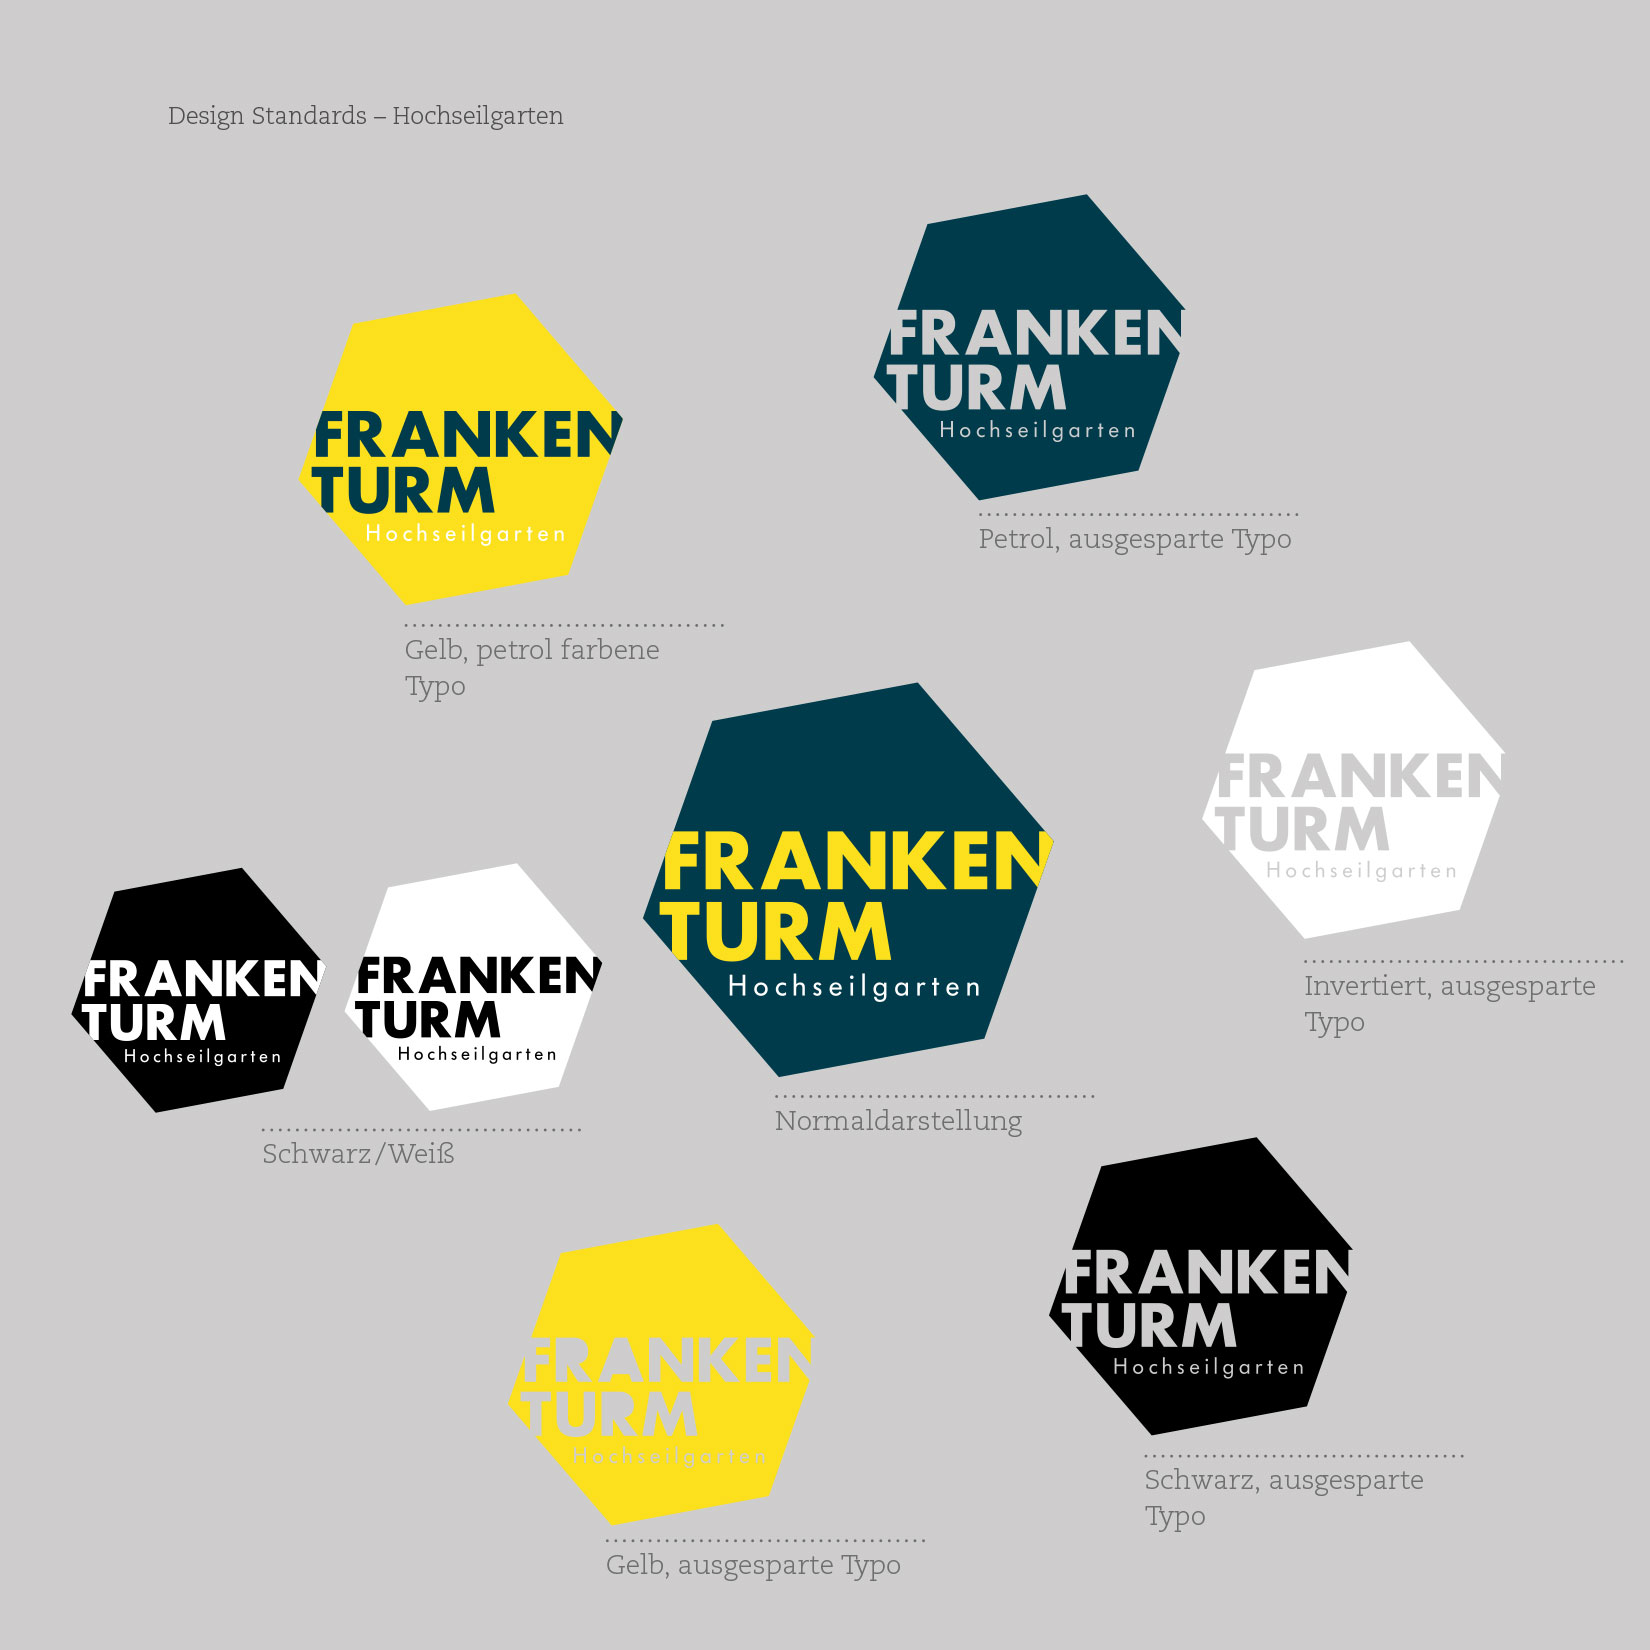 Hochseilgarten Frankenturm Corporate Design Logo